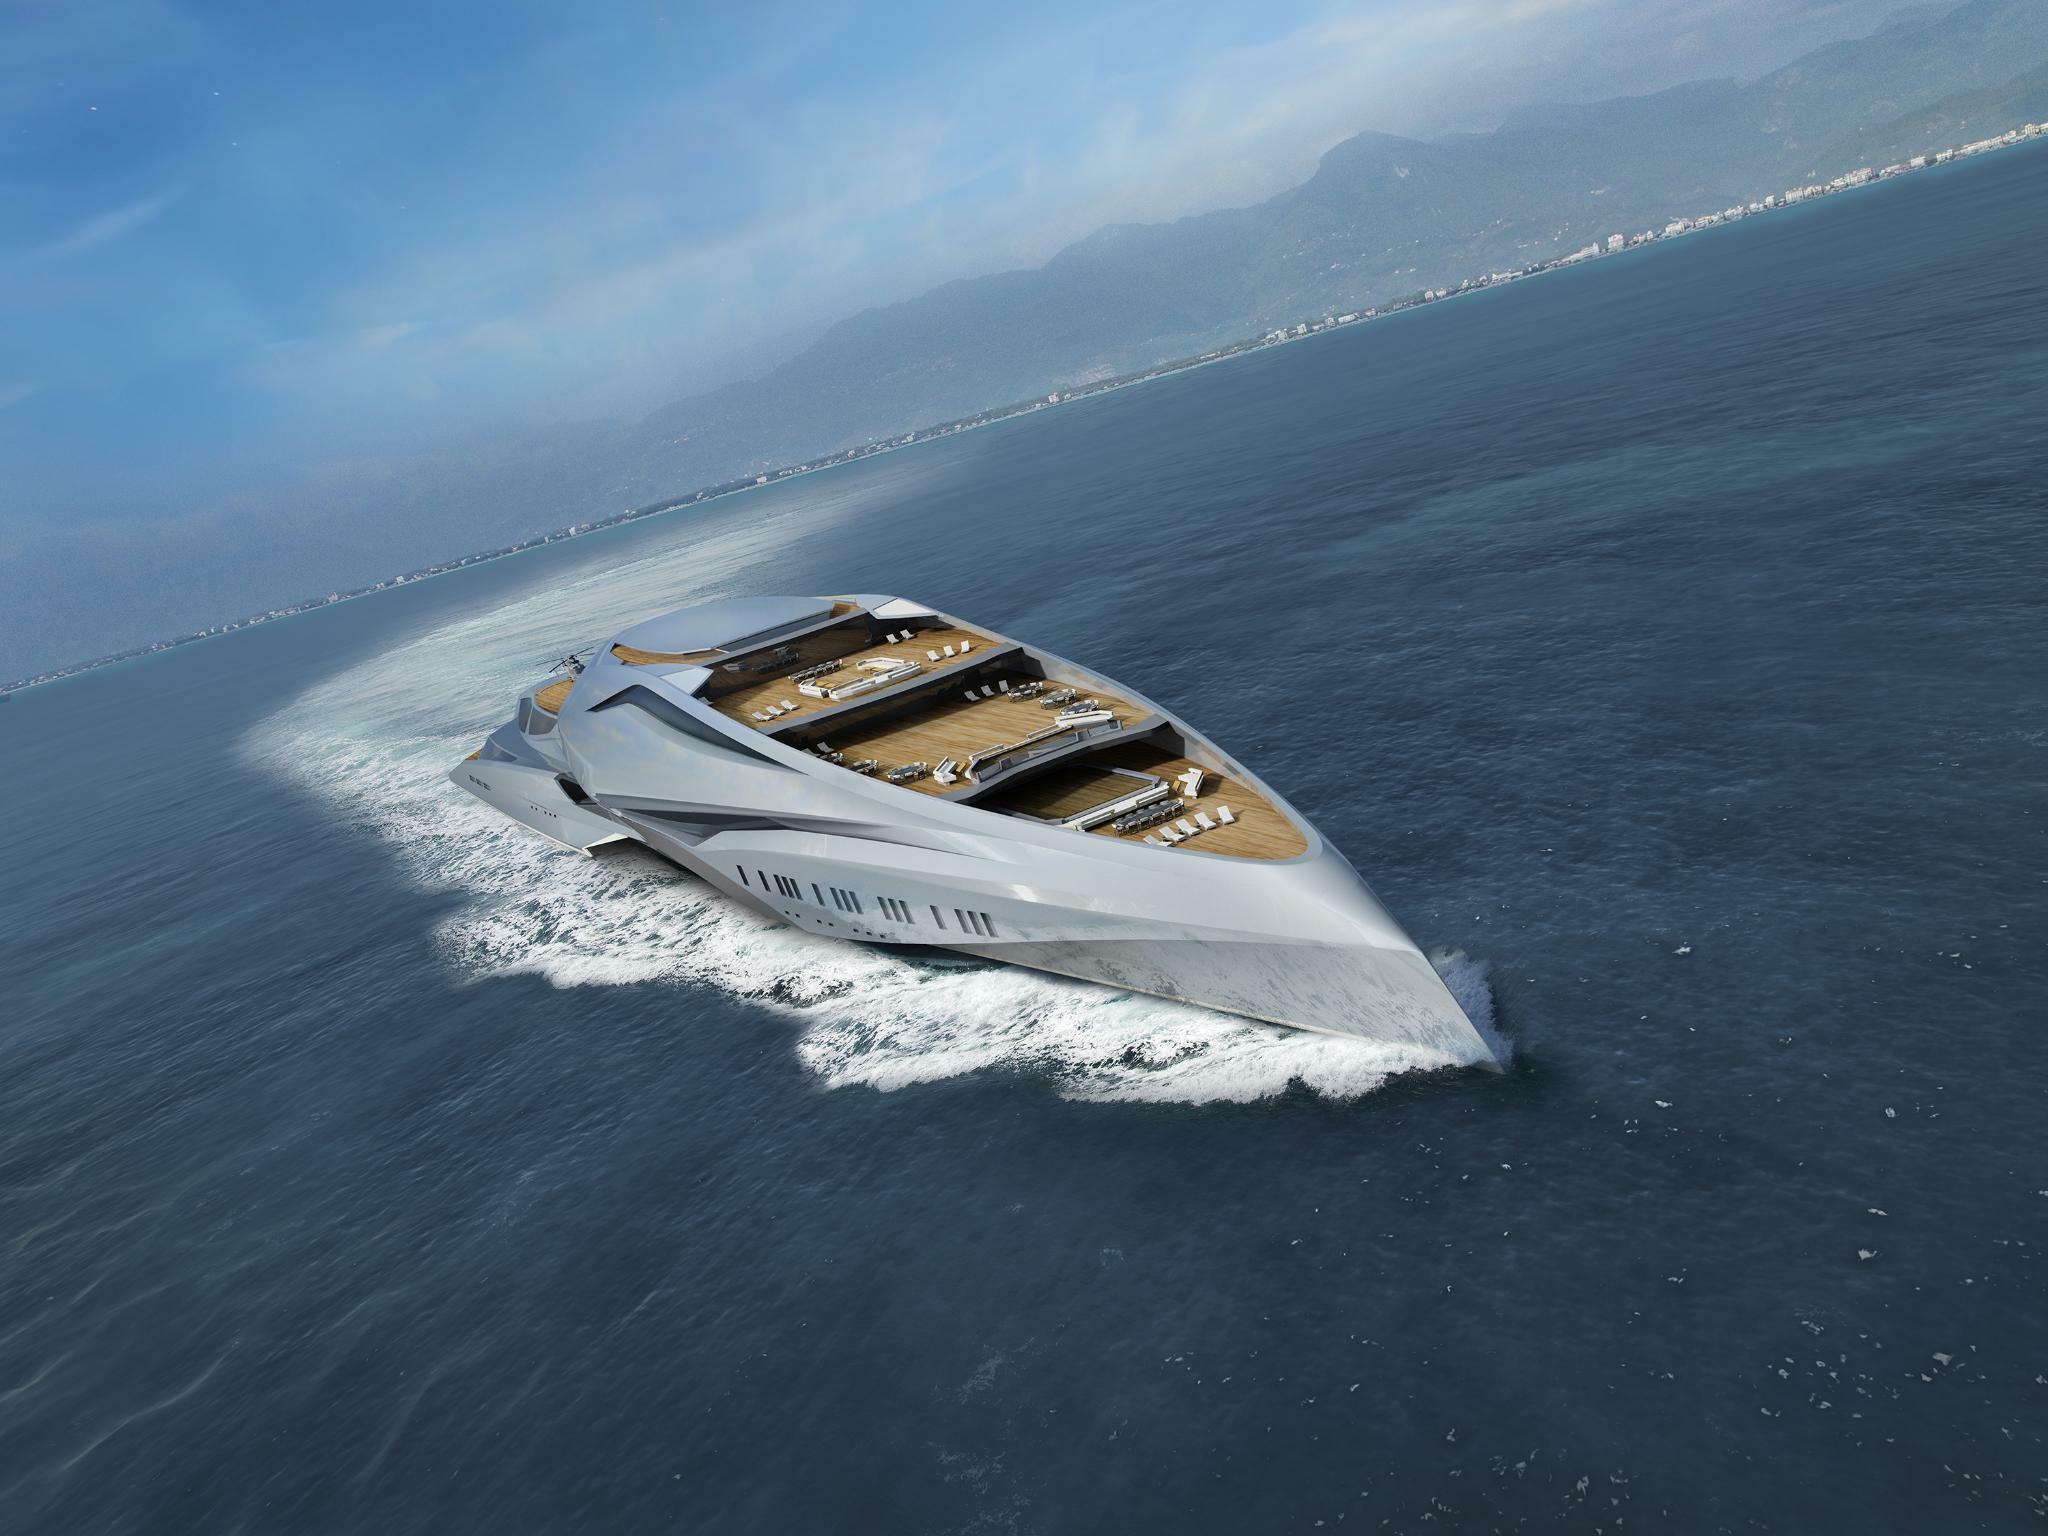 Yacht Sharing Die Grosste Yacht Der Welt Fur Fast Jedermann